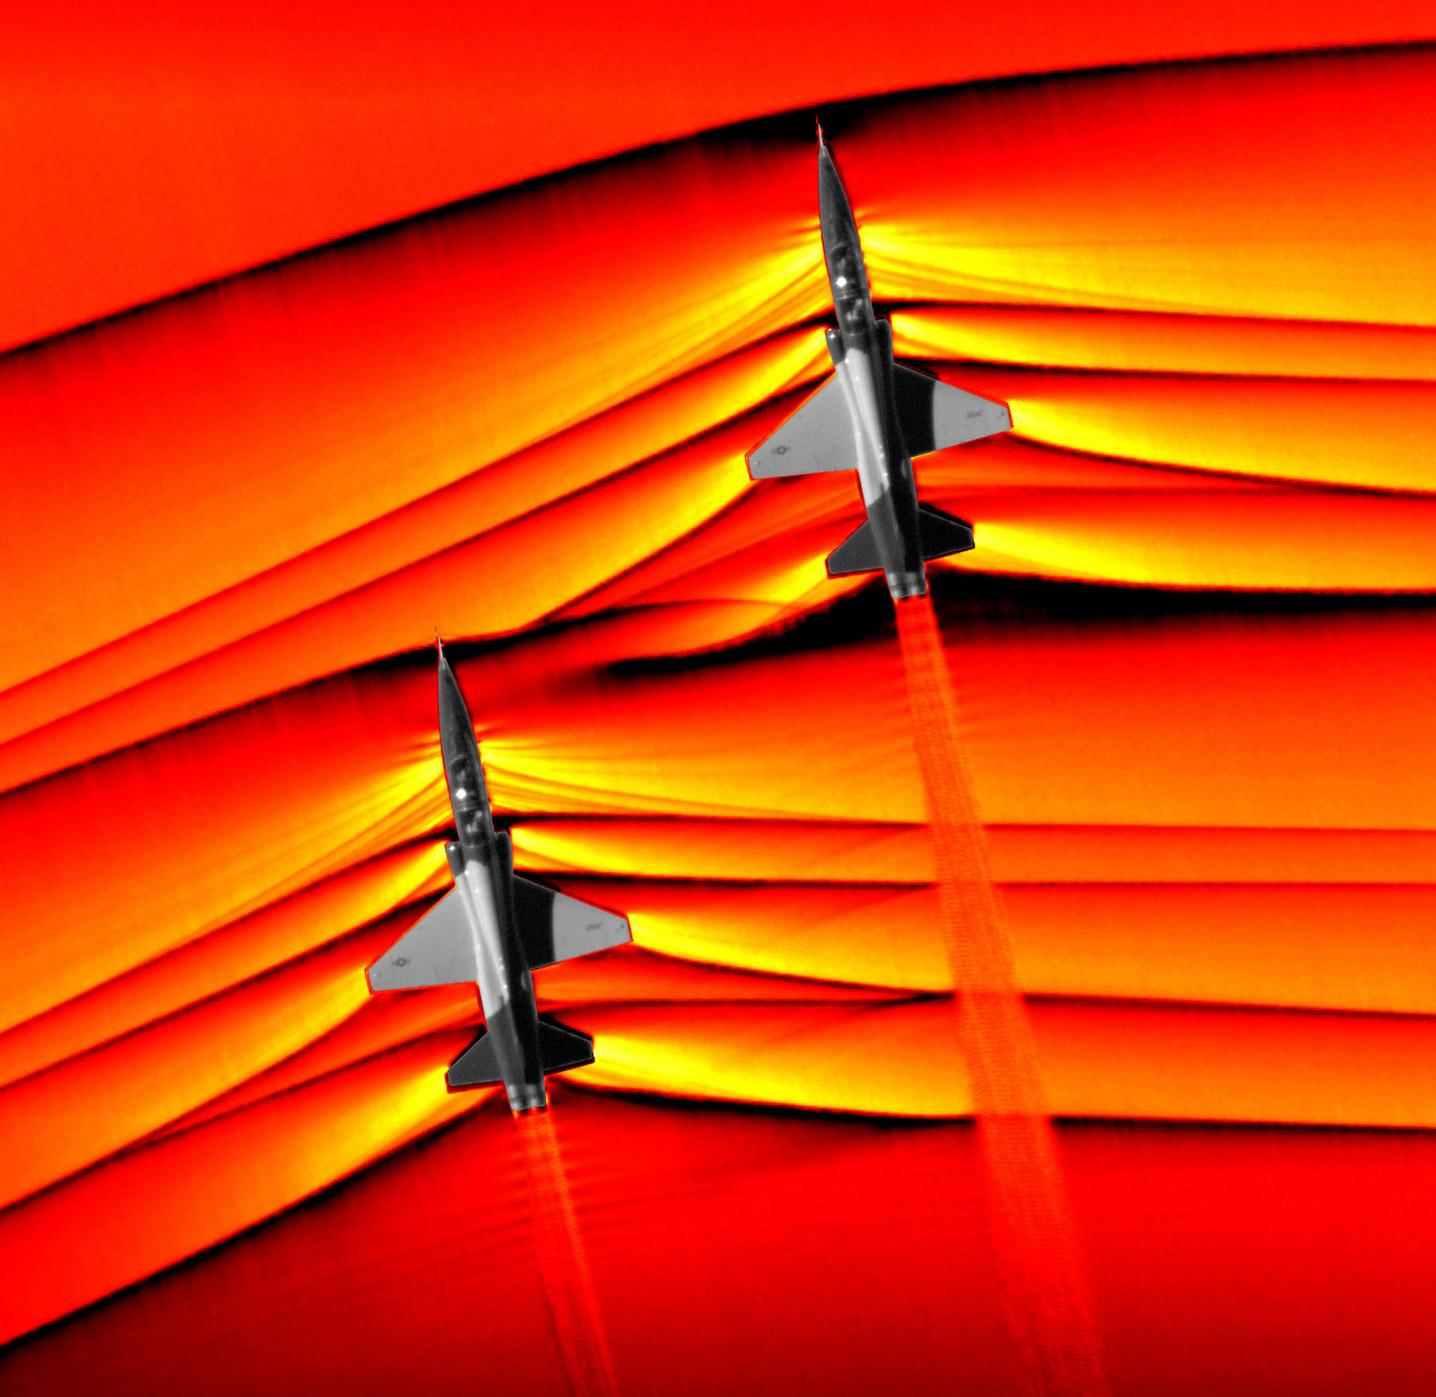 NASA Supersonic Aircraft Waves